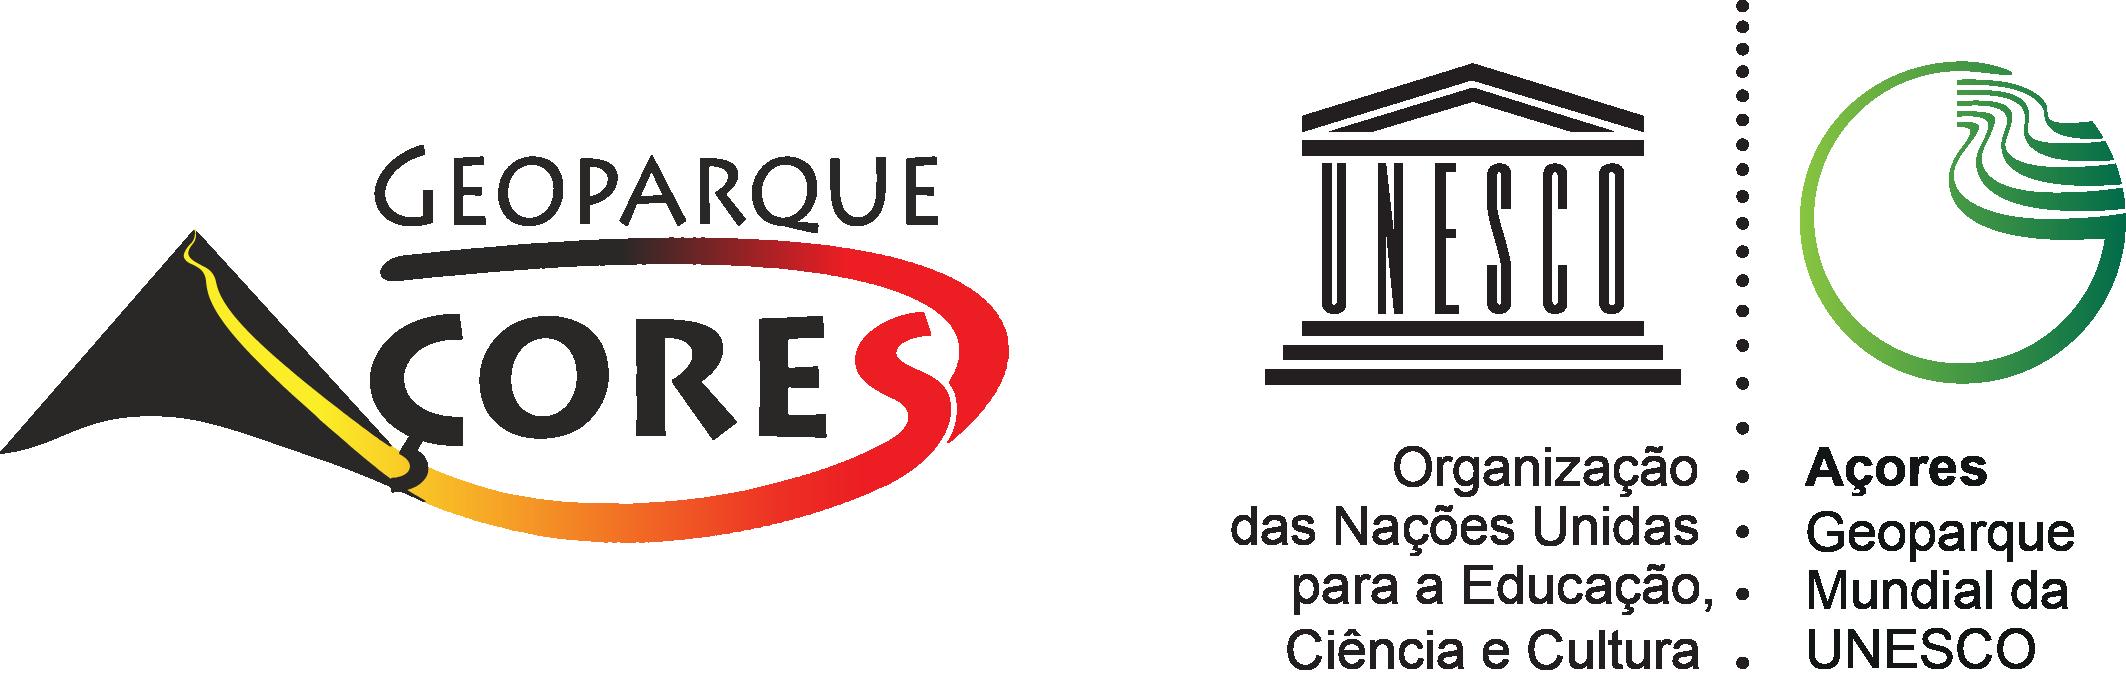 Logotipo_GeoparqueAçores